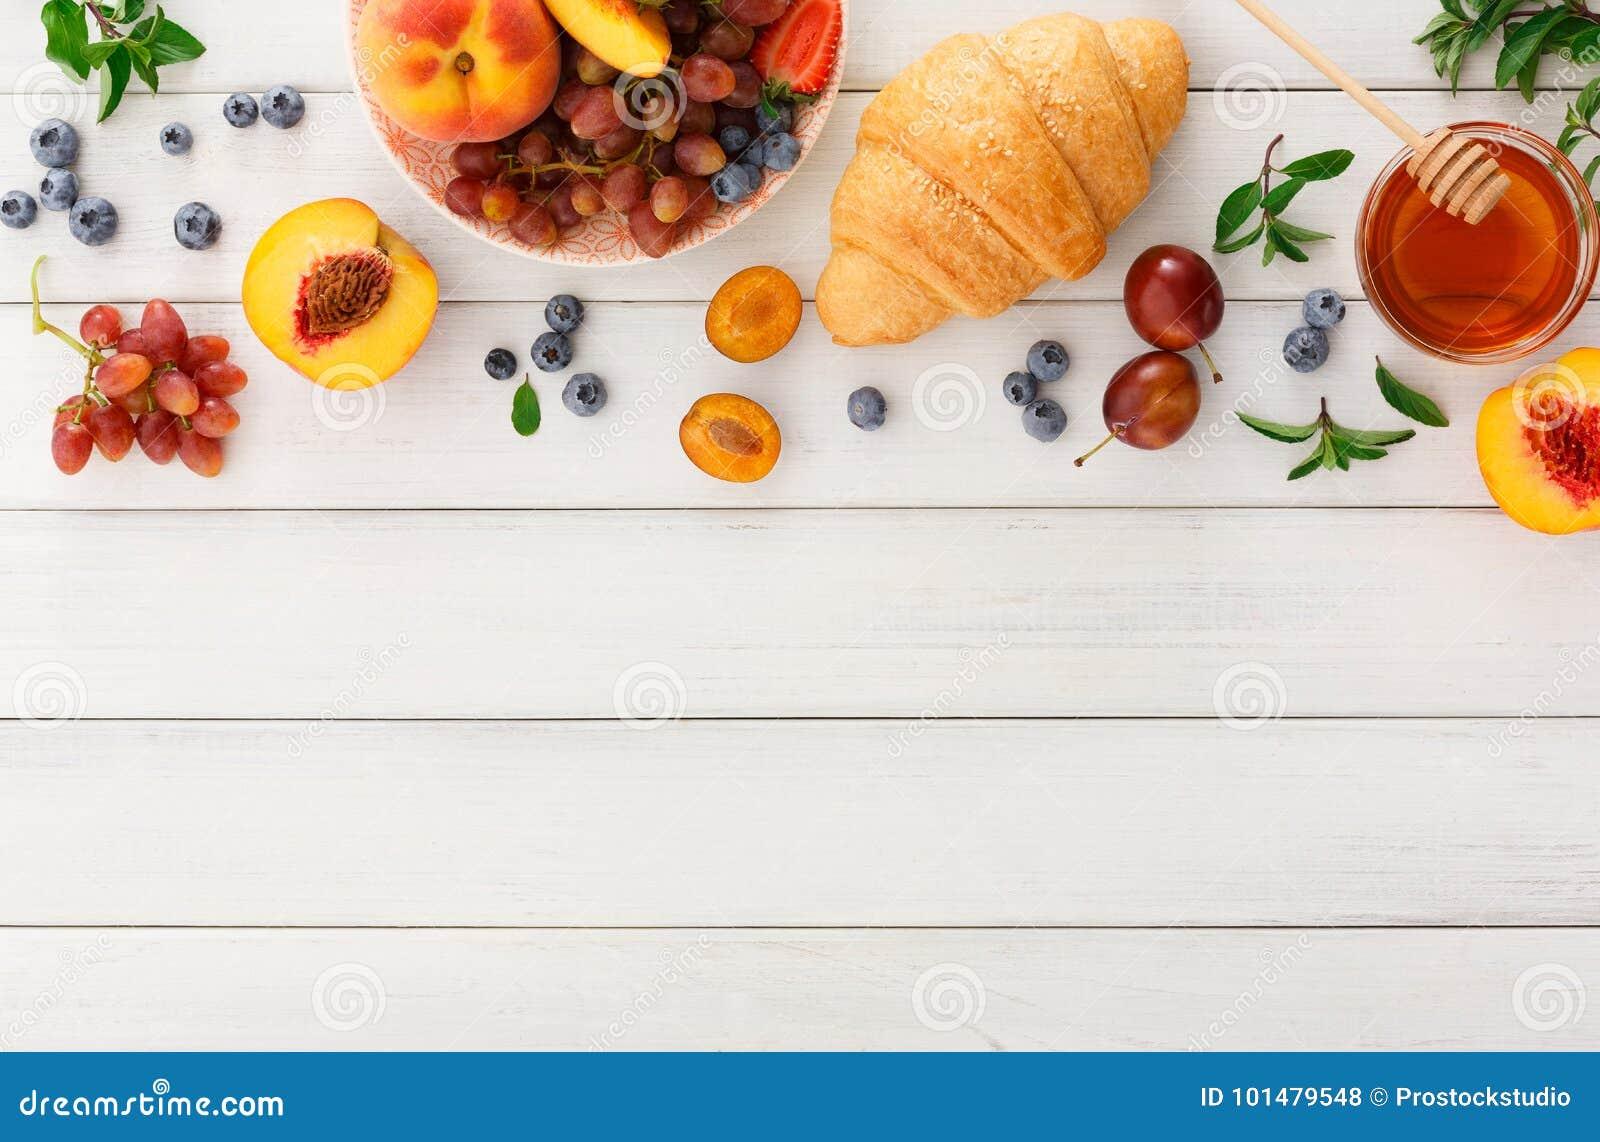 Continentaal ontbijt met croissants en bessen op wit hout